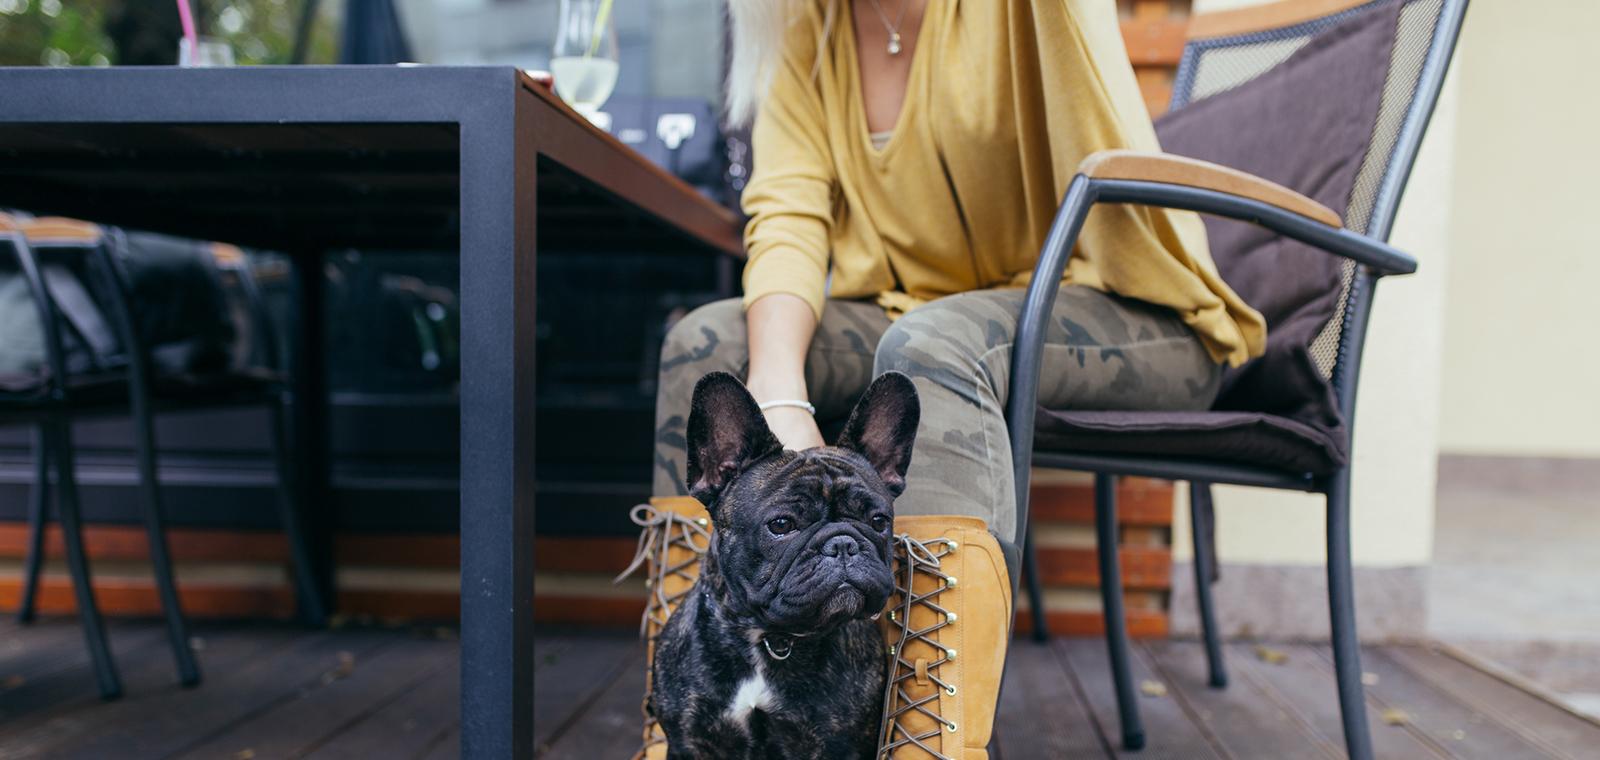 6 Dog-Friendly Restaurants in Chicago